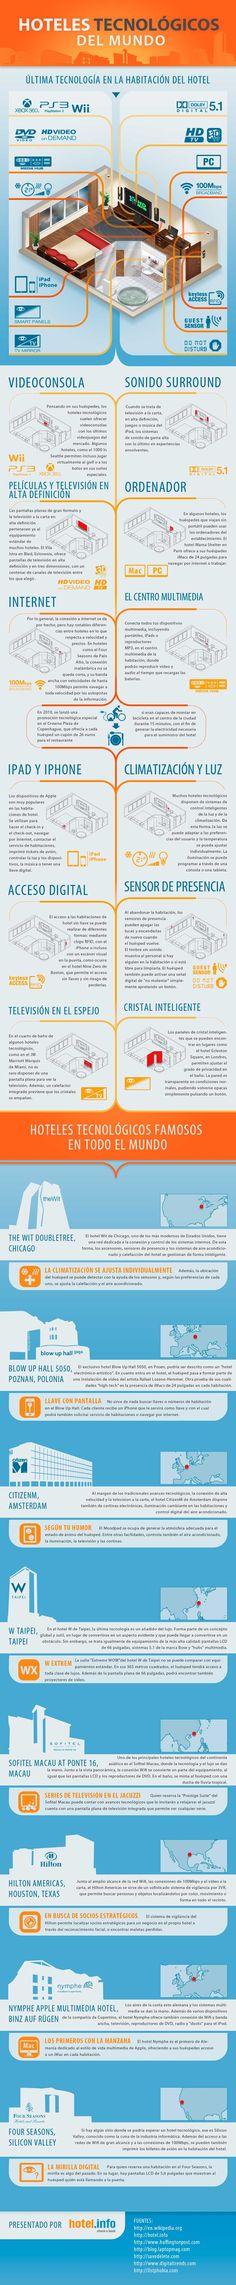 Los hoteles más tecnológicos del Mundo #infografia #infographic #tourism